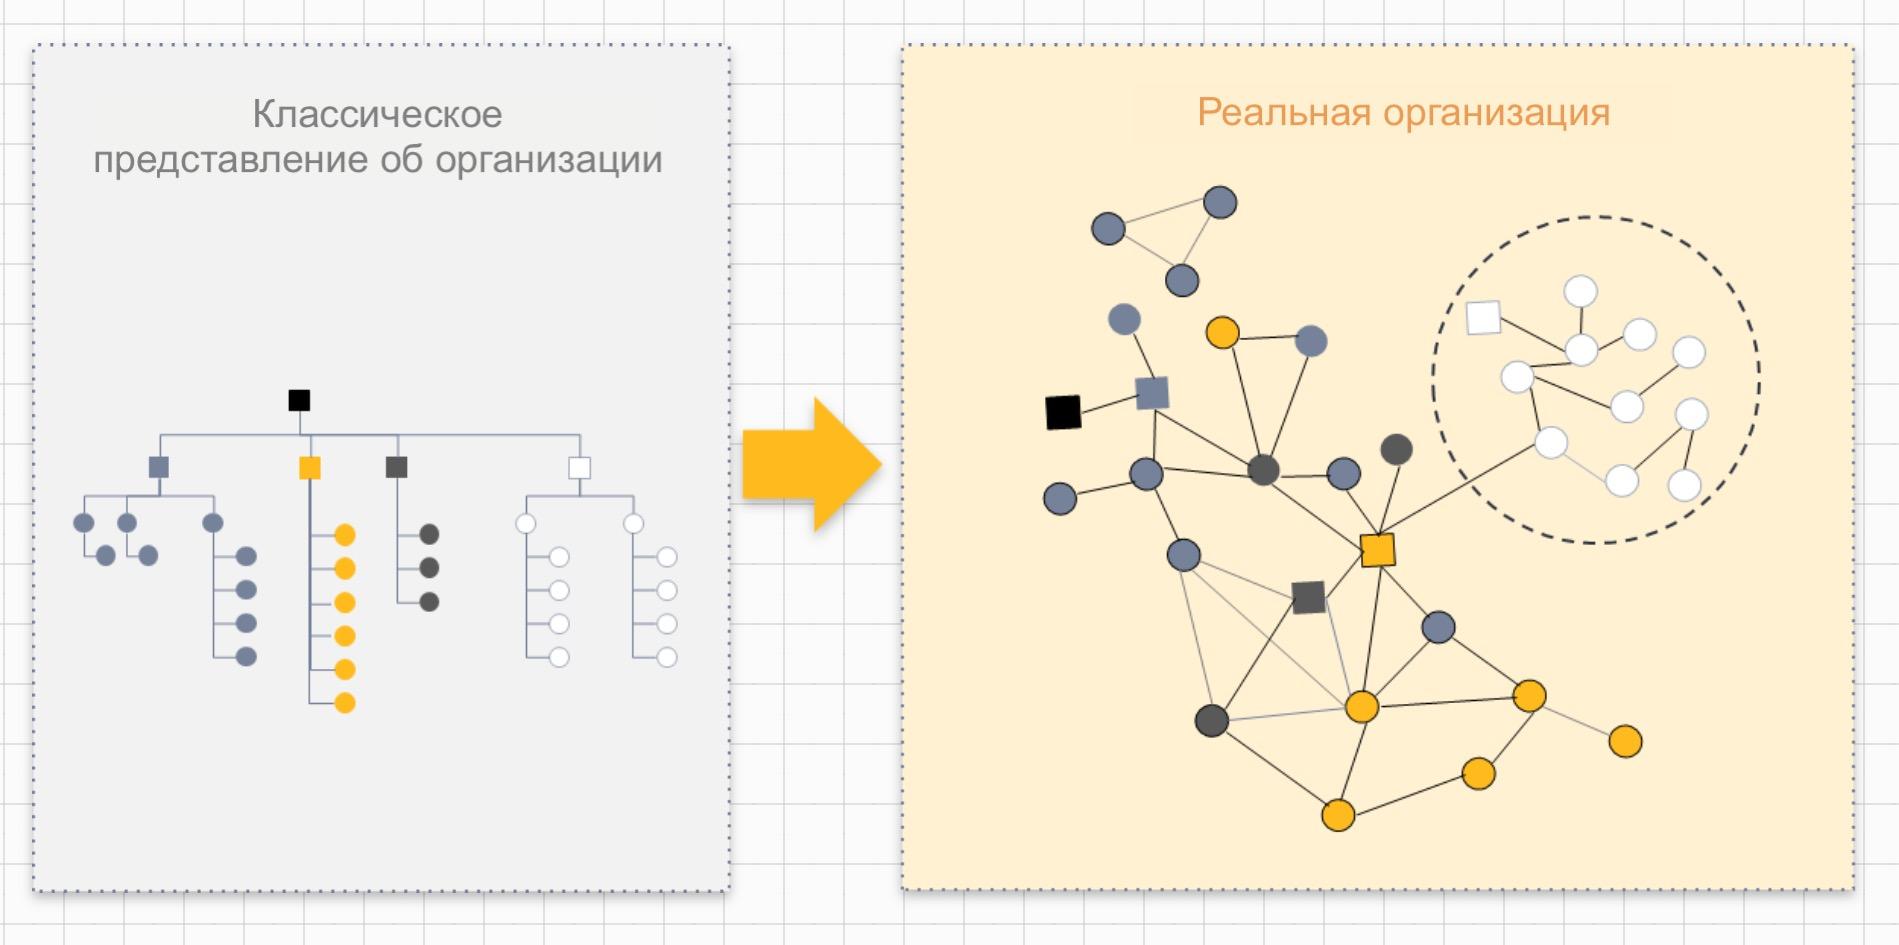 Организационные сети